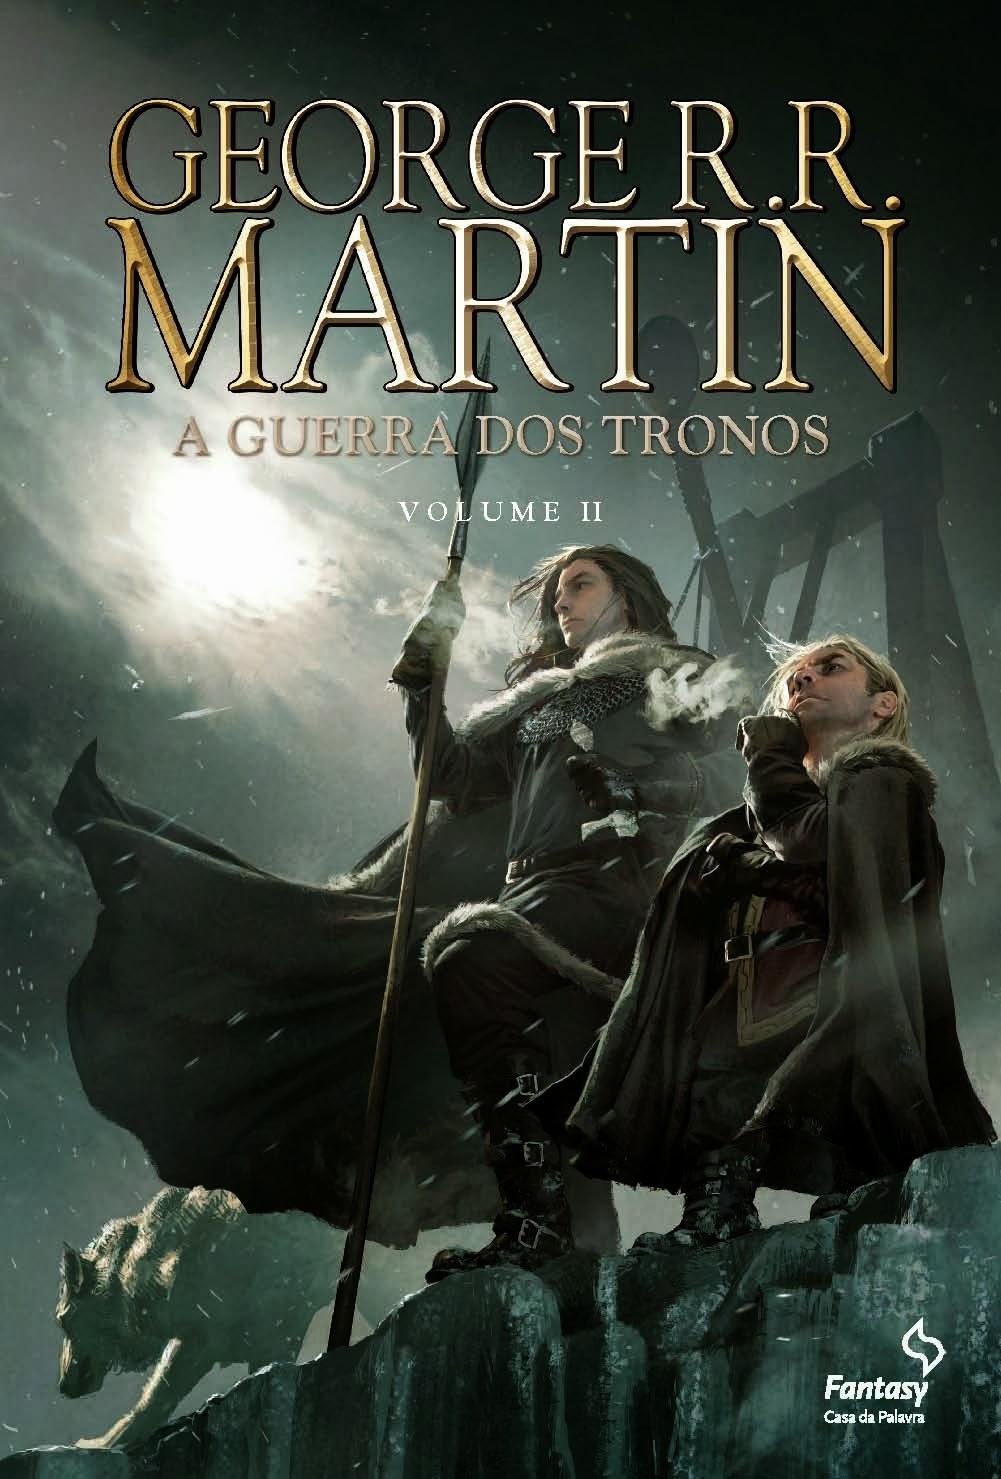 http://www.filmeslivroseseries.com/2014/01/livros-guerra-dos-tronos-volume-2.html